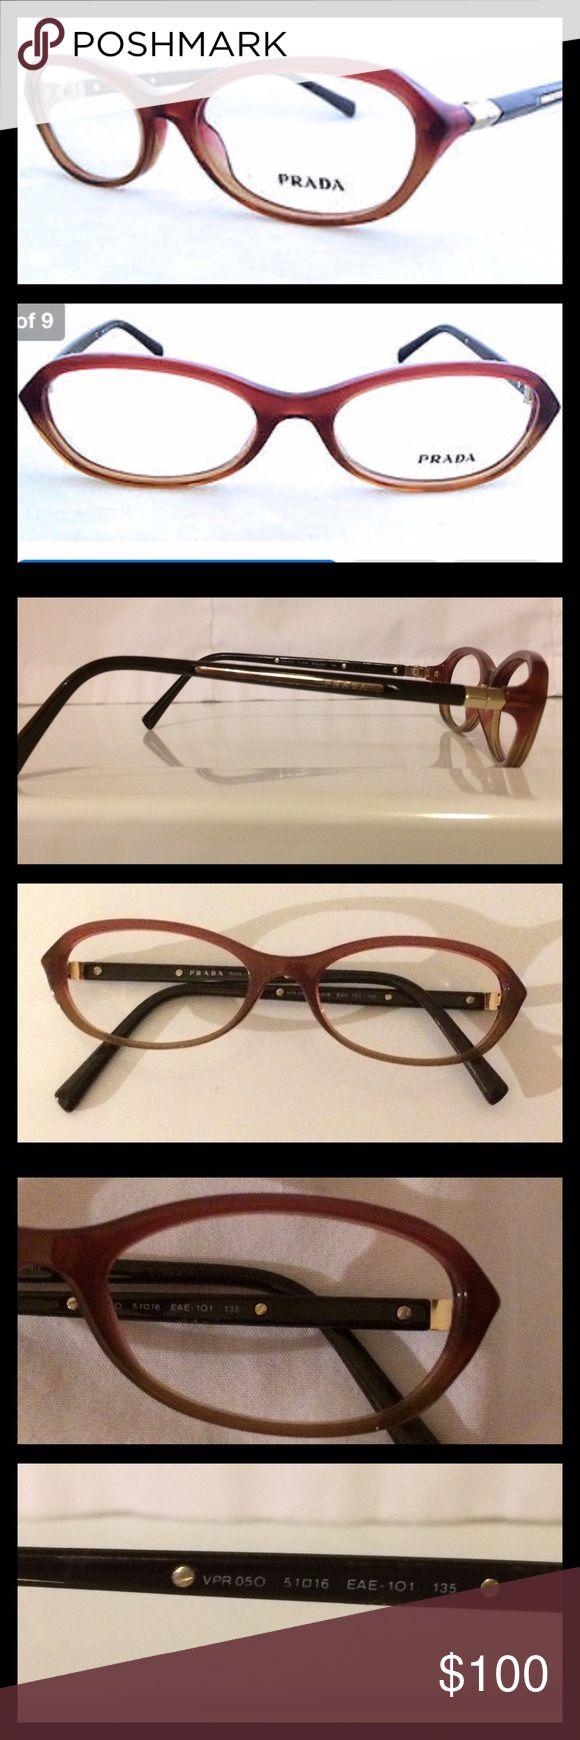 100 besten Specs I expect Bilder auf Pinterest   Brille, Brillen und ...